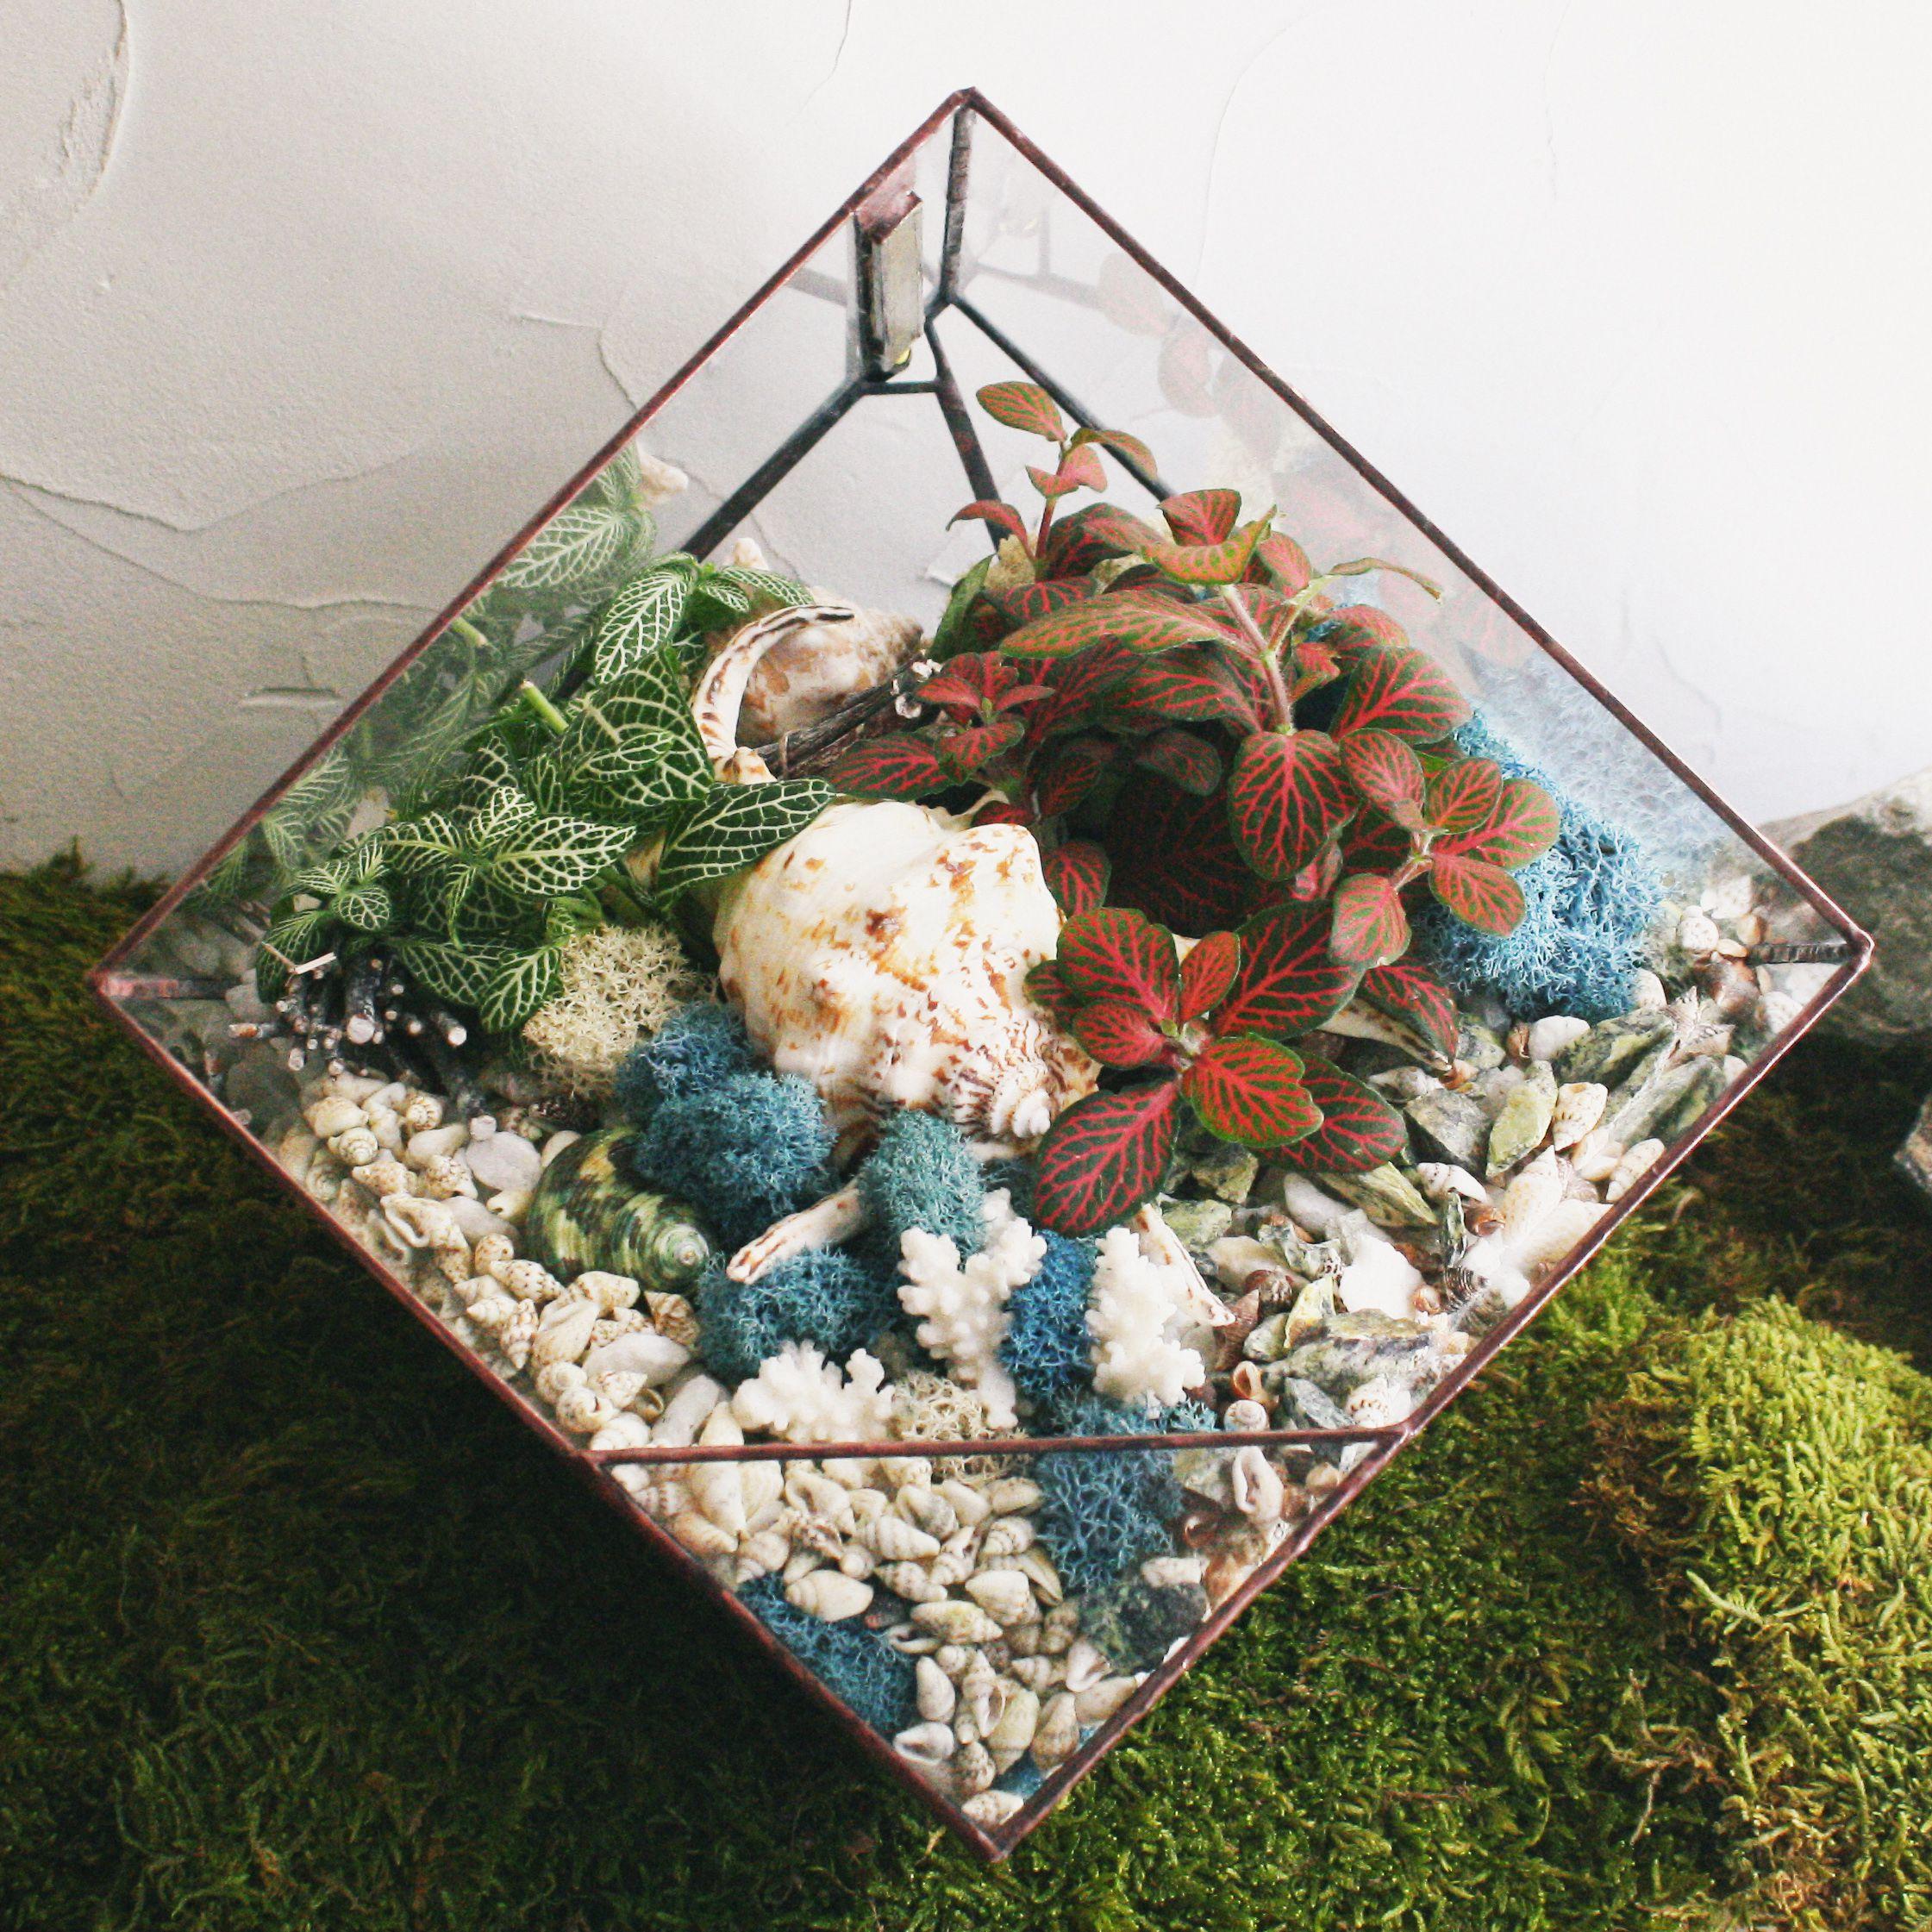 ночник светильник флорариум лампа свет растения геометрия подарок gift florarium plant glass geometric стекло